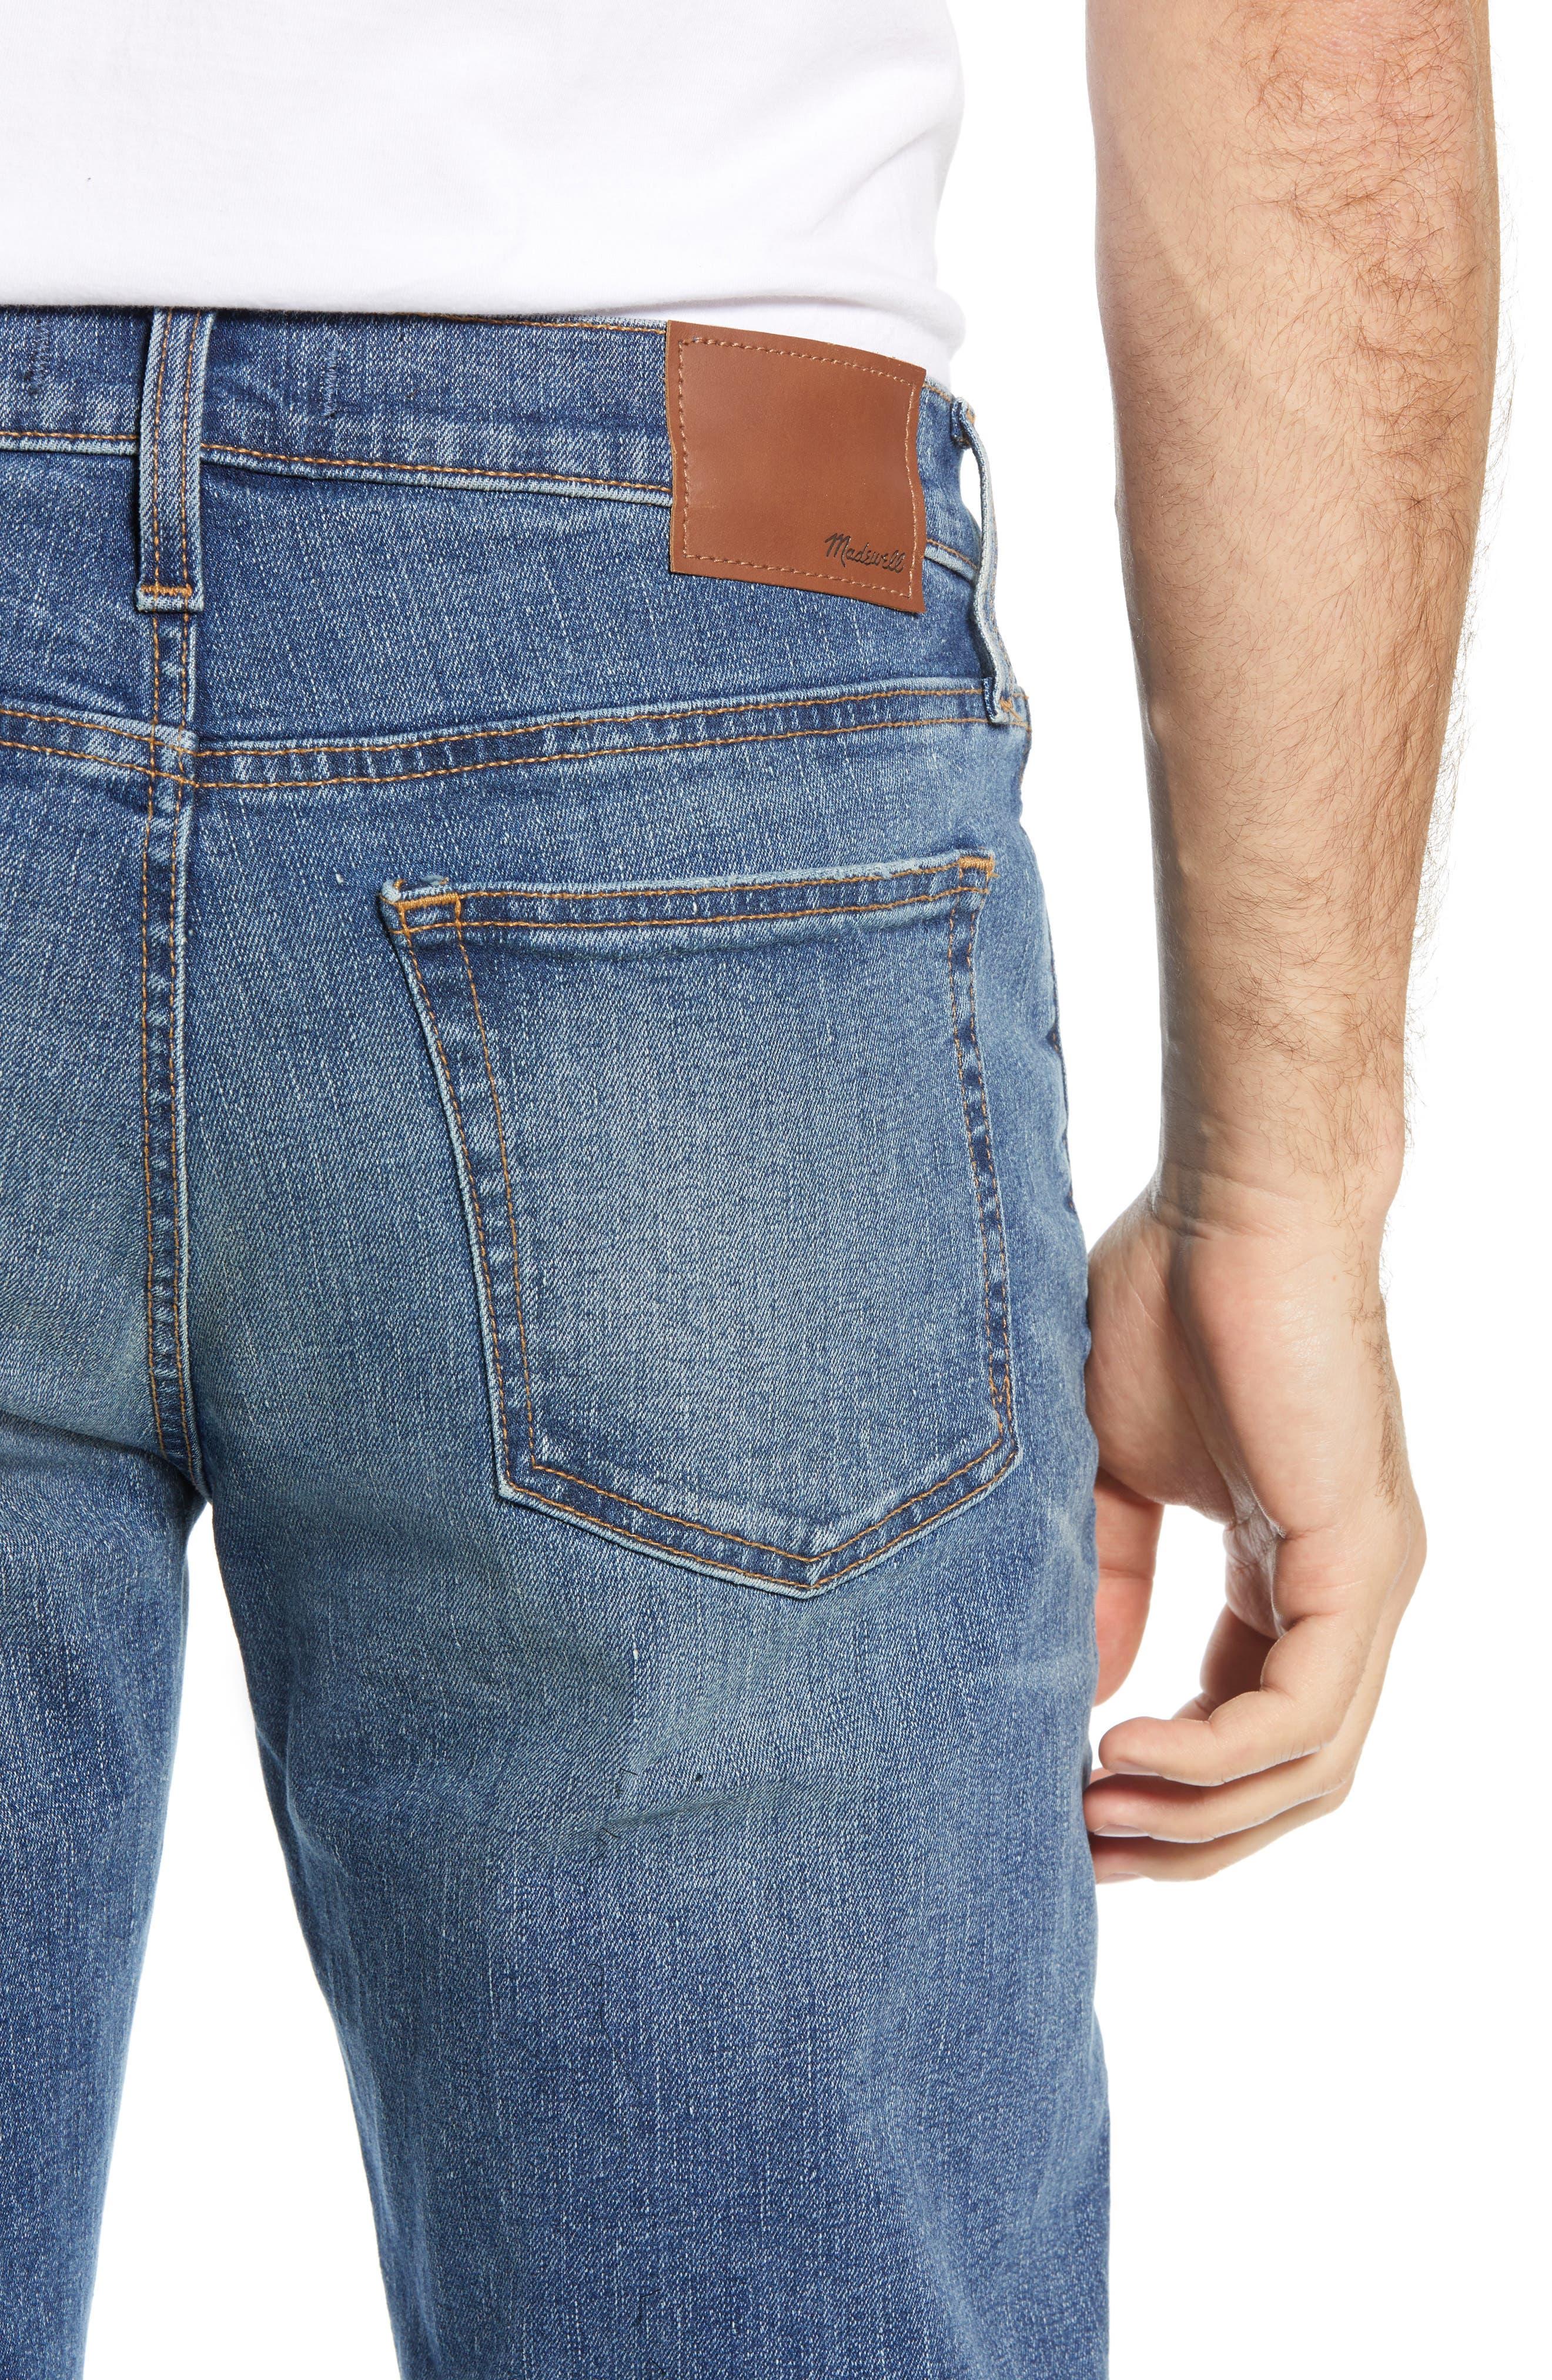 MADEWELL,                             Straight Leg Jeans,                             Alternate thumbnail 4, color,                             ARCWOOD